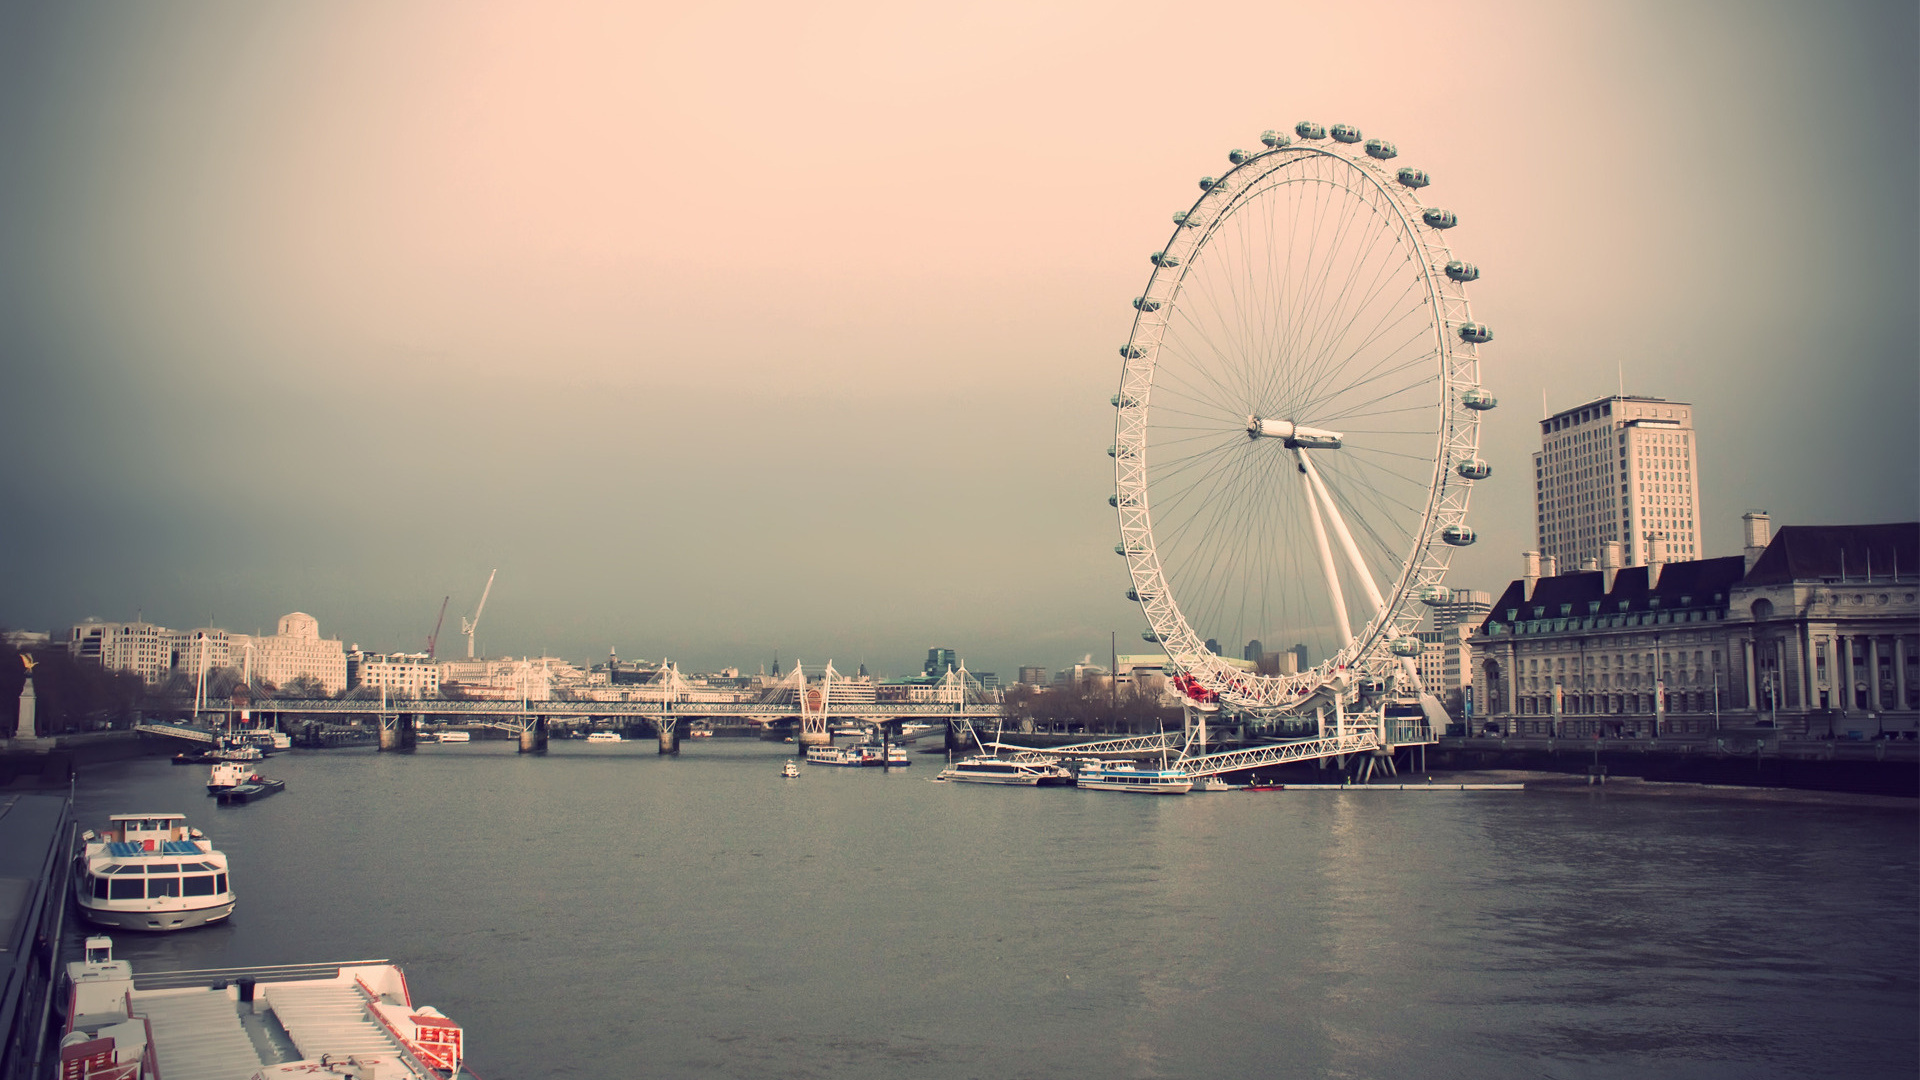 лондон, лондонский глаз, колесо обозрения, небо, река, дома, здания, великобритания, город